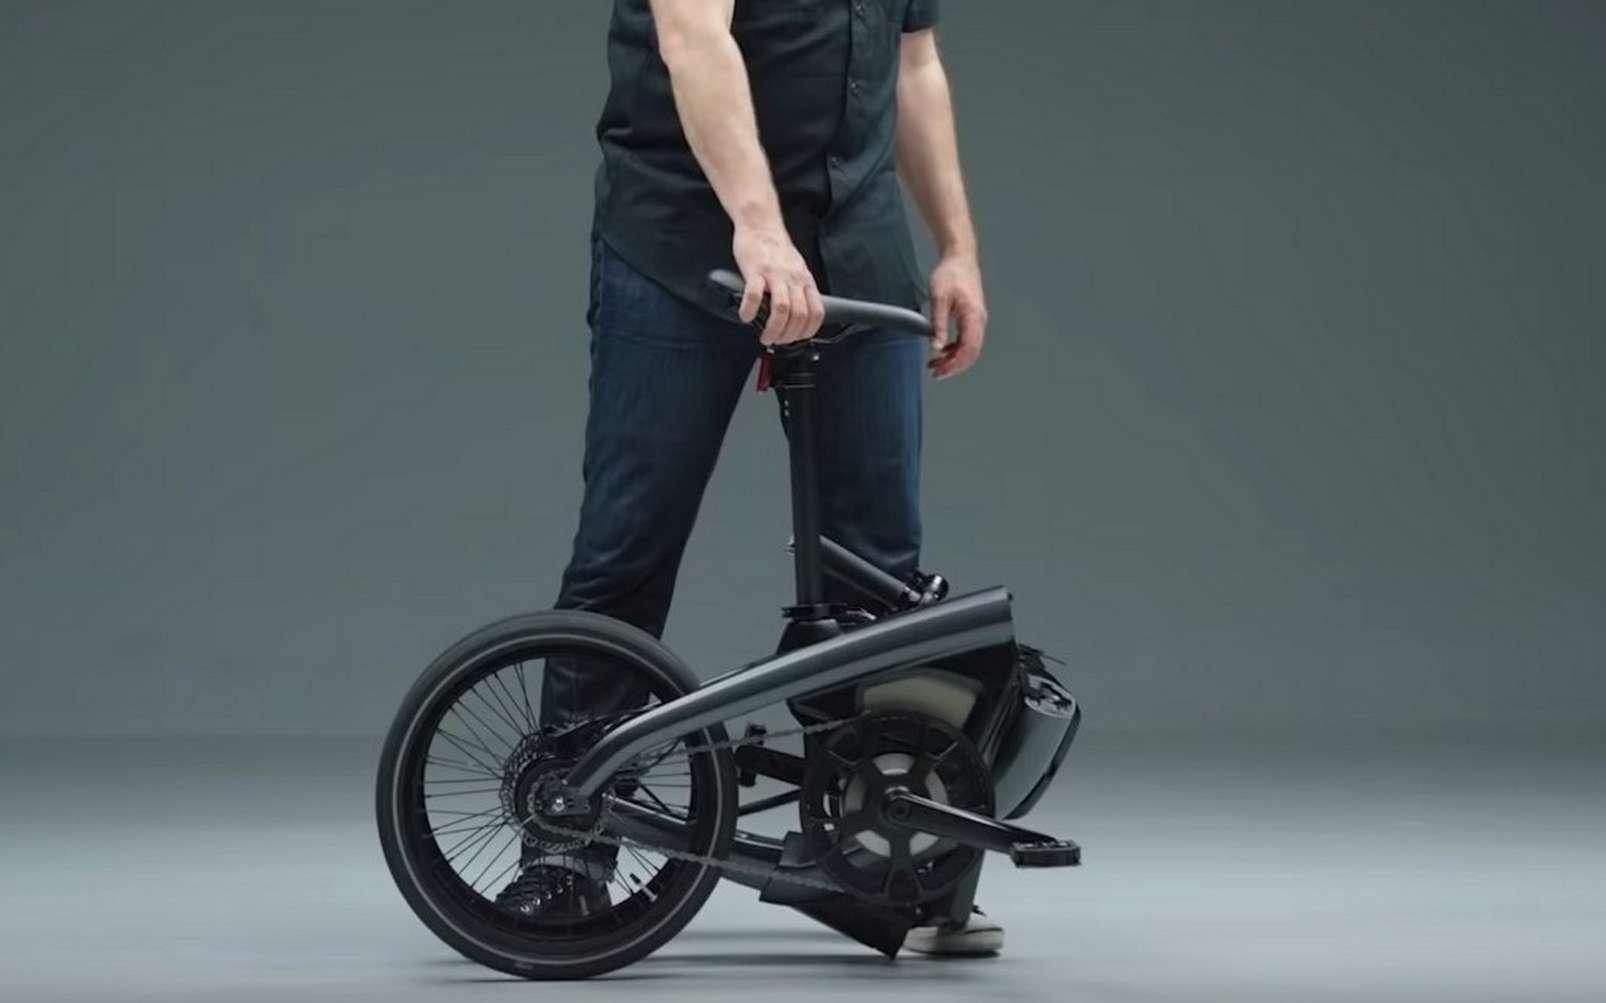 Le vélo électrique pliable de General Motors a reçu un très bon accueil critique. © General Motors